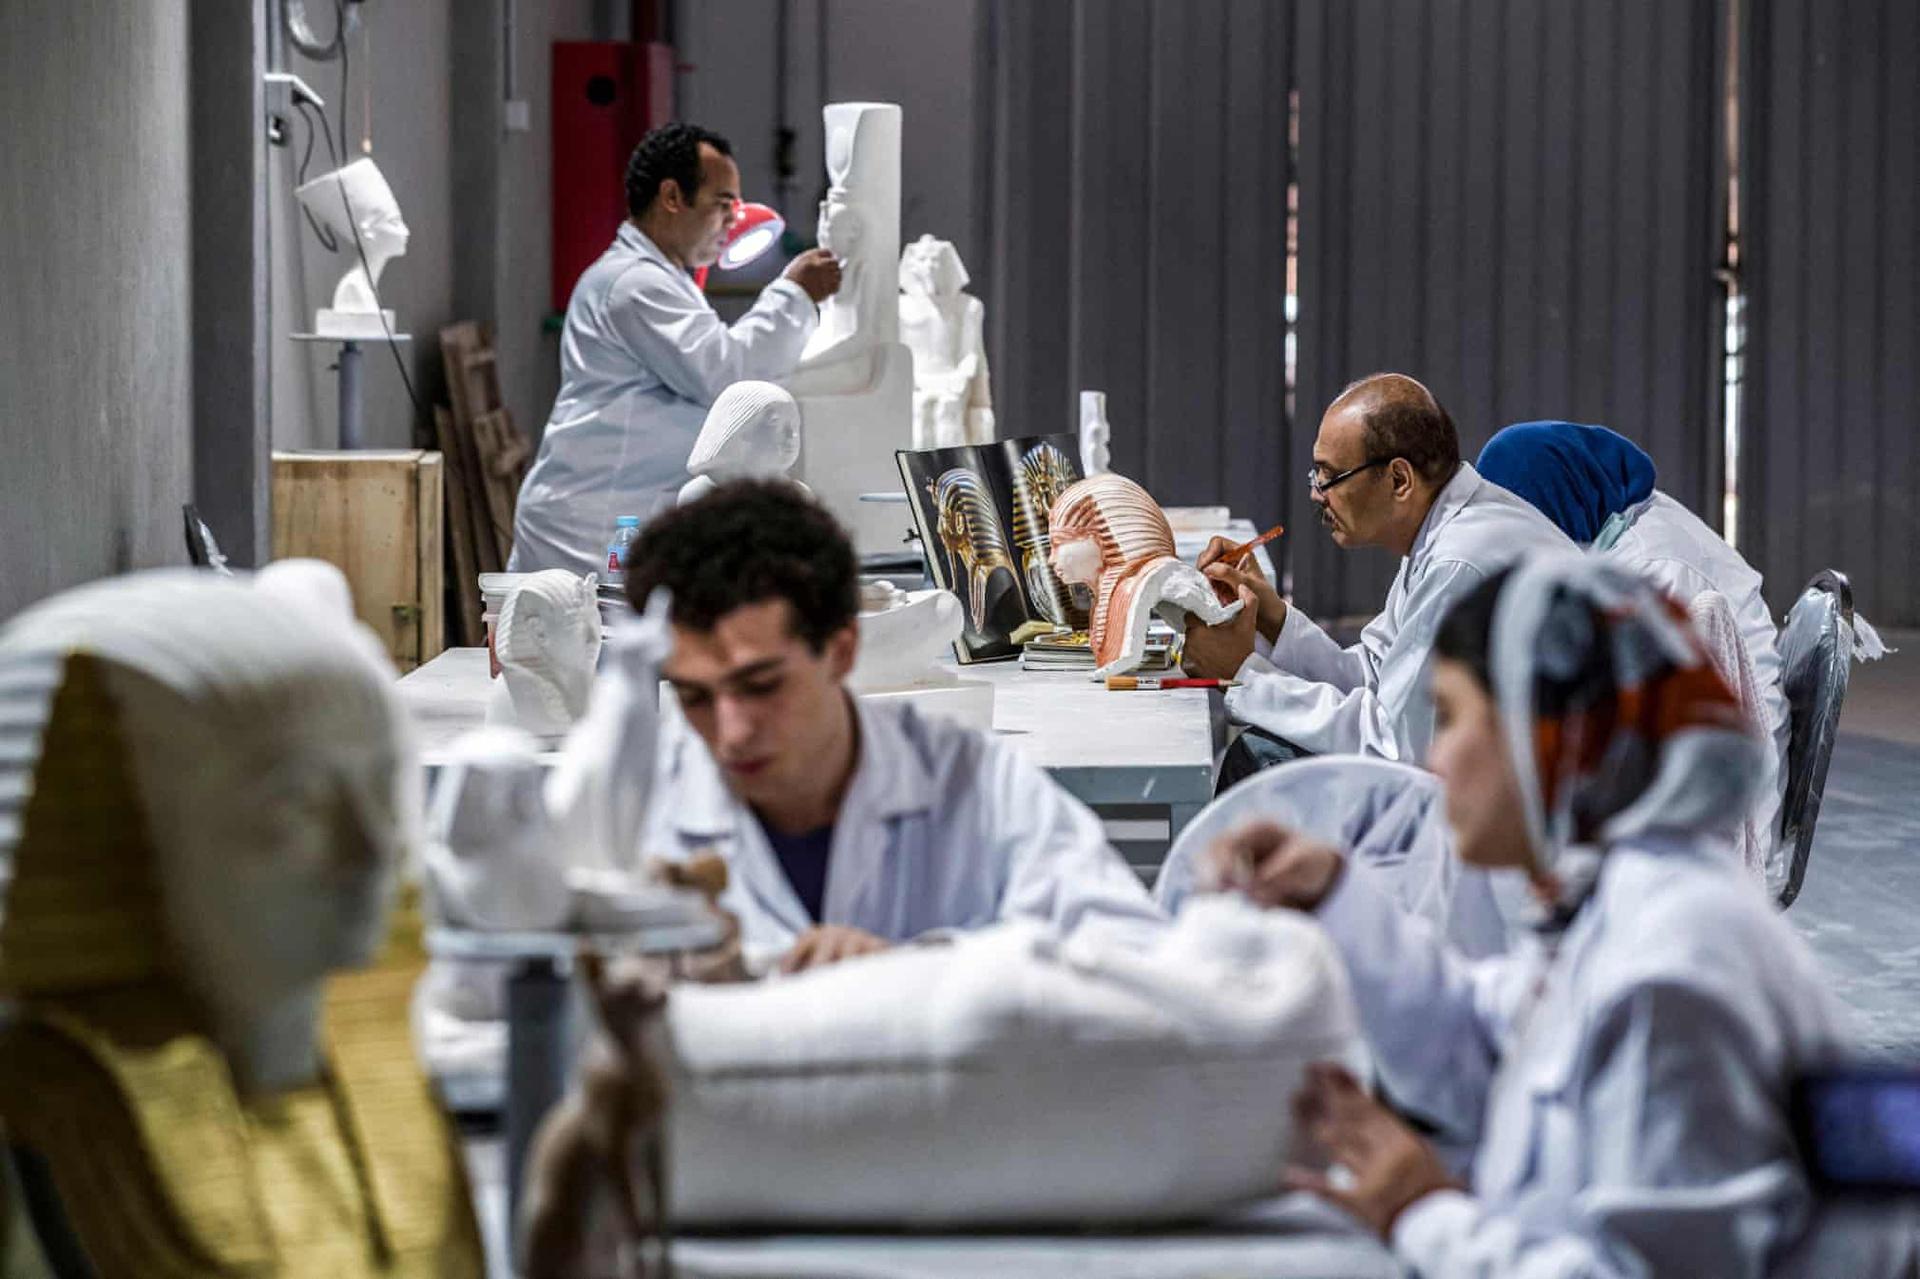 Thị trường đồ lưu niệm của Ai Cập nhiều năm bị áp đảo bởi hàng nhập khẩu giá rẻ của Trung Quốc. Chính phủ quốc gia này đang tìm cách đáp ứng nhu cầu của khách du lịch về các sản phẩm chất lượng tốt.